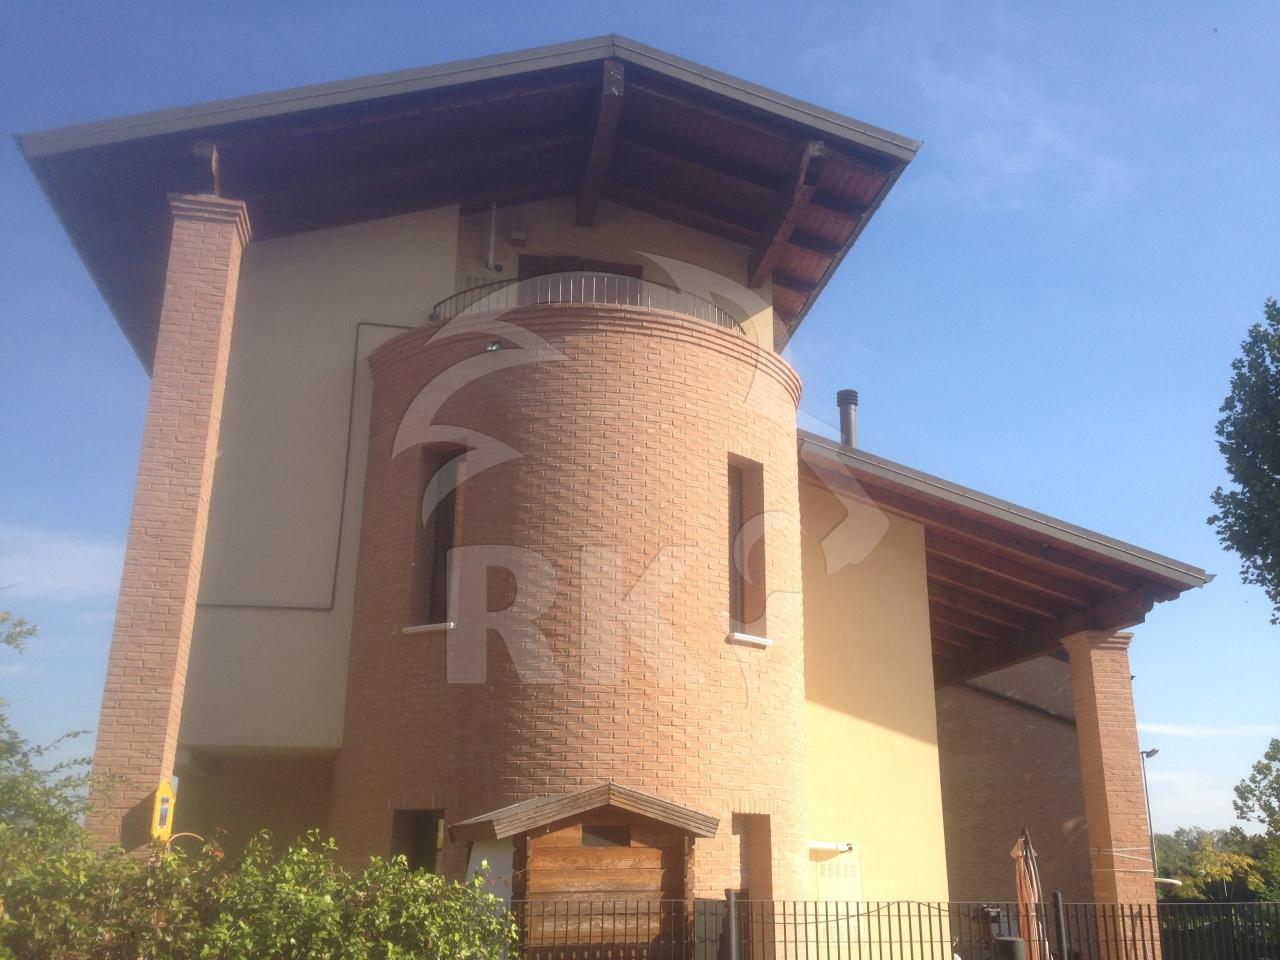 bologna vendita quart: borgo panigale realkasa - agenzia immobiliare